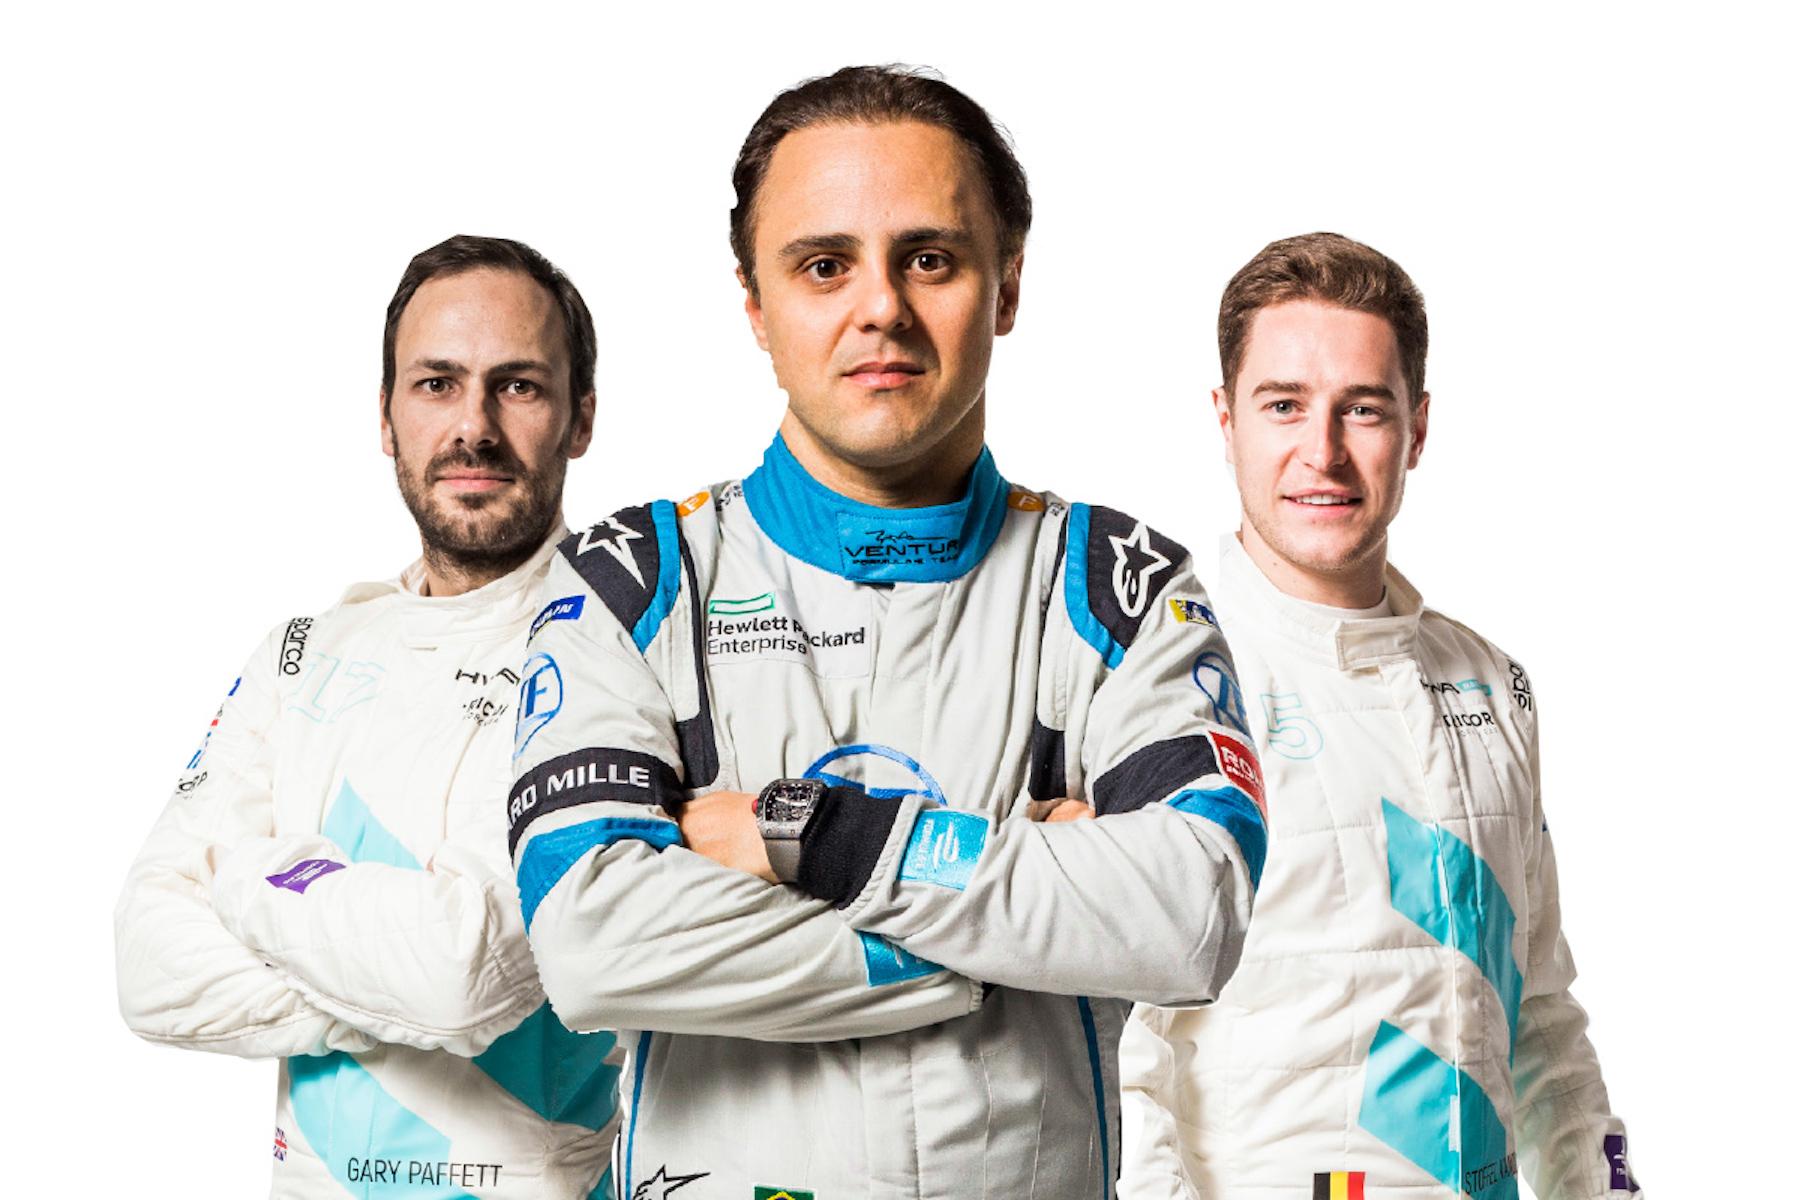 Sie sind neu dabei: Gary Paffett, Felipe Massa und Stoffel Vandoorne (von links nach rechts). (Formula E)